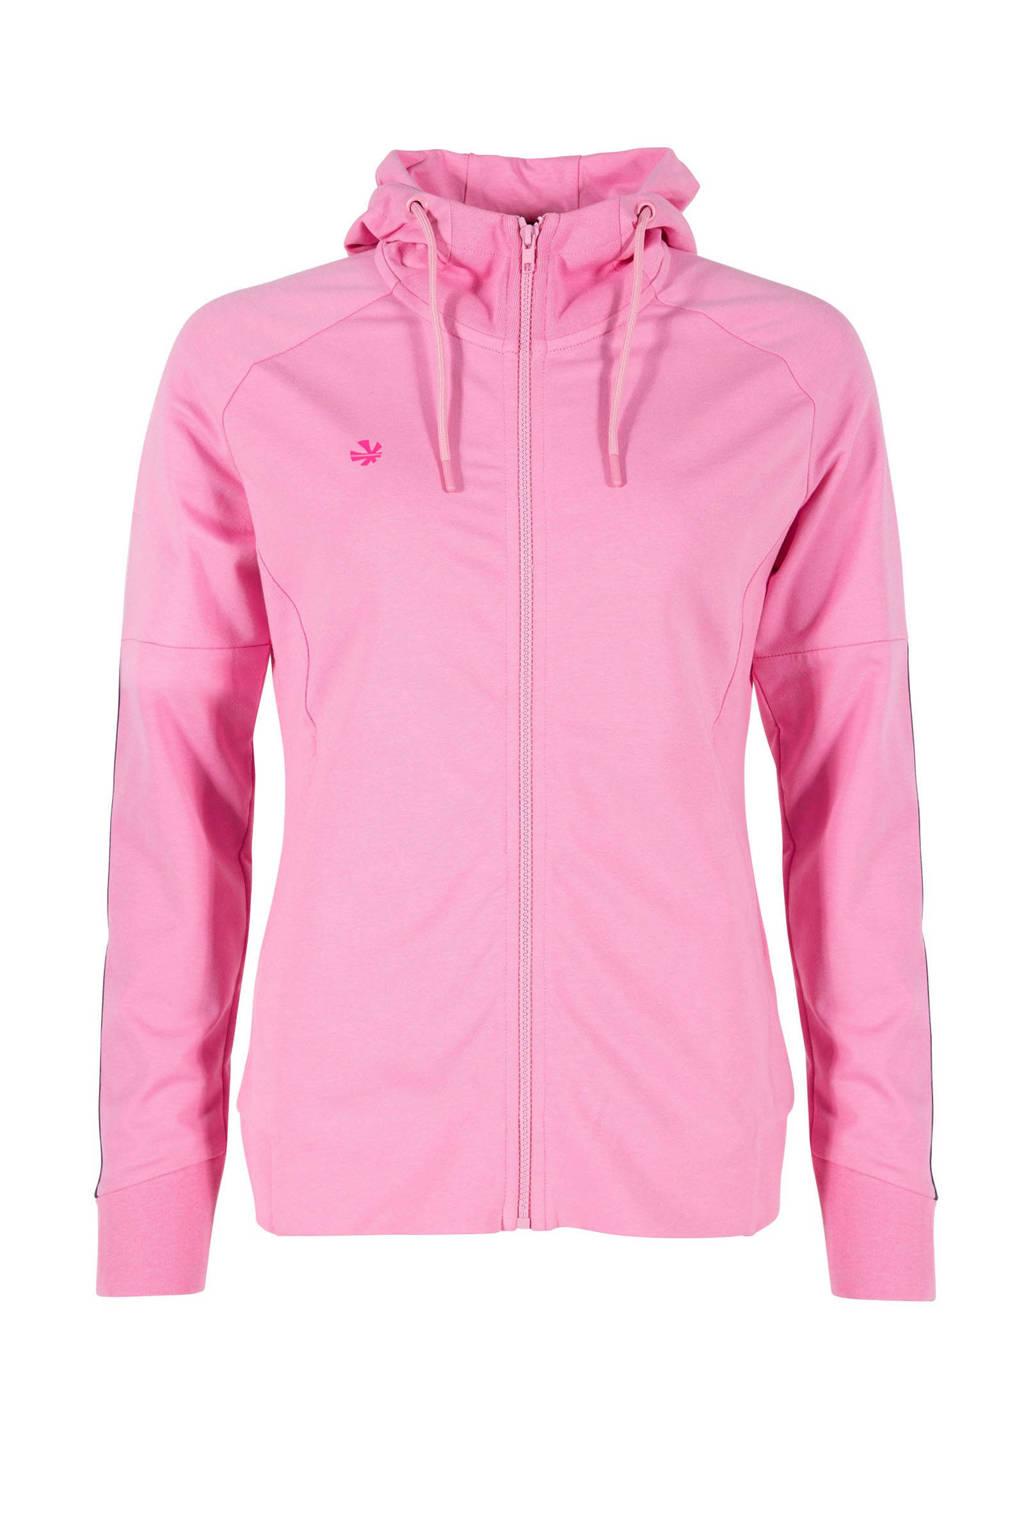 Reece Australia sportvest roze, Roze